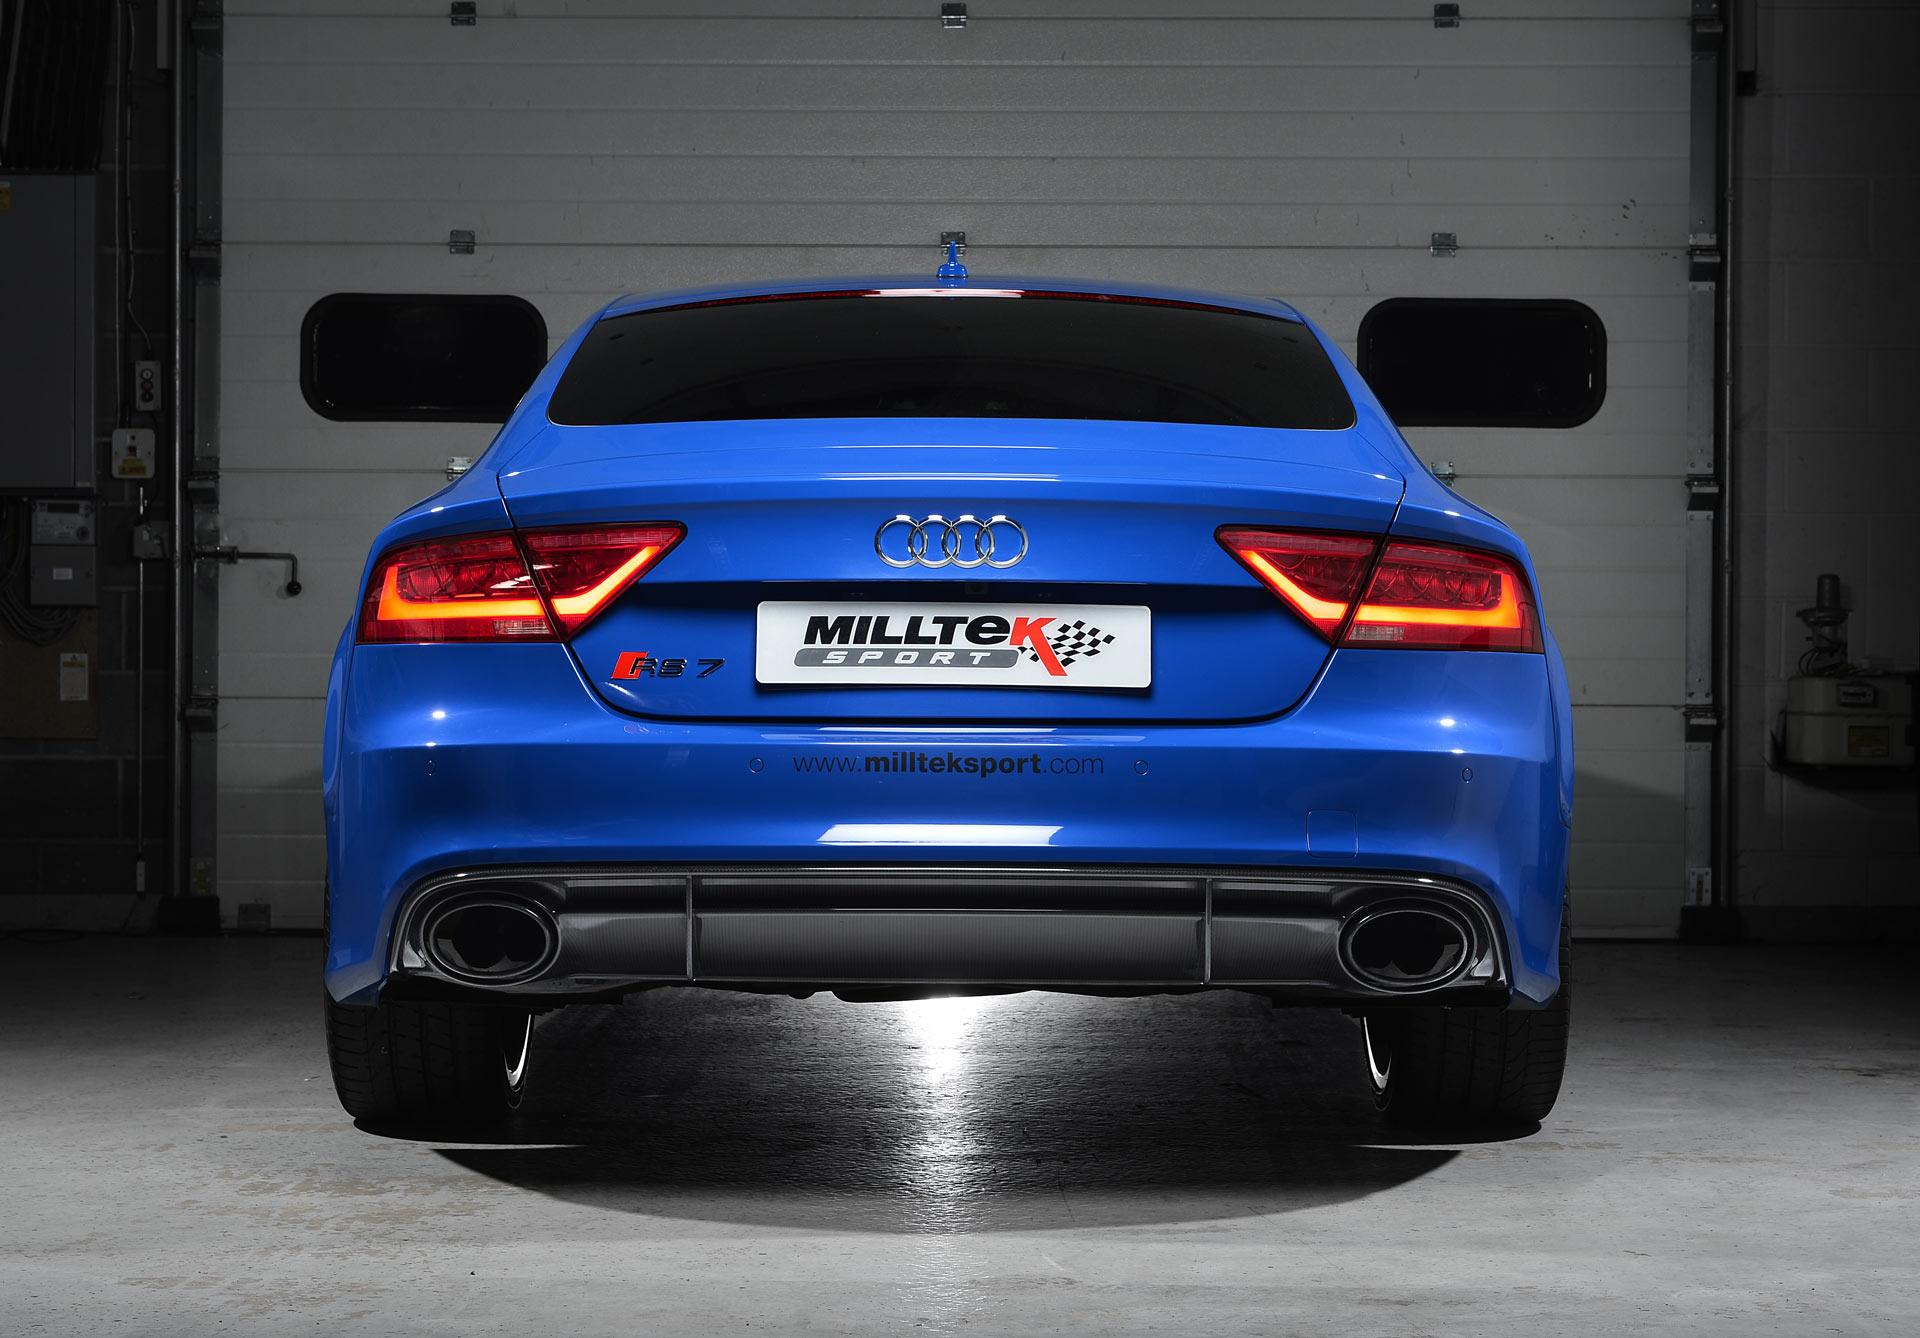 Milltek udstødning til Audi RS7 Sportback 4.0 V8 TFSI biturbo